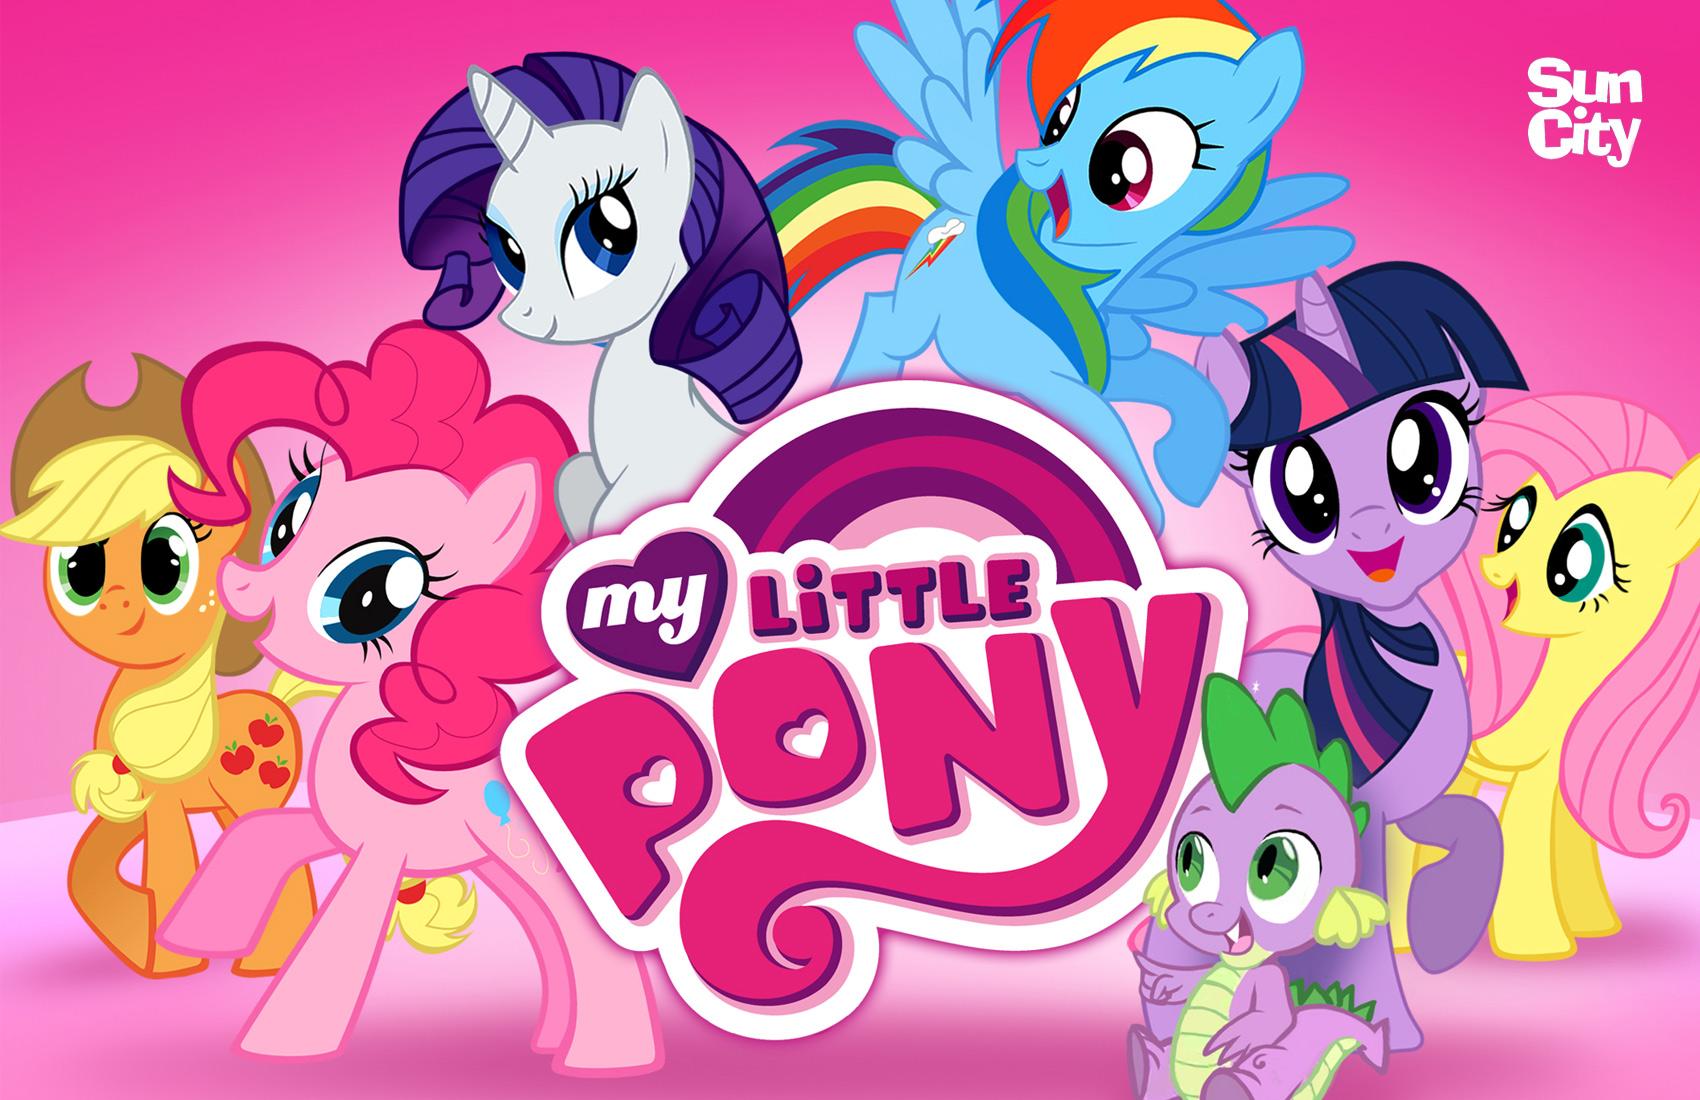 Roupa e Acessórios My Little Pony | Sun City Ibérica